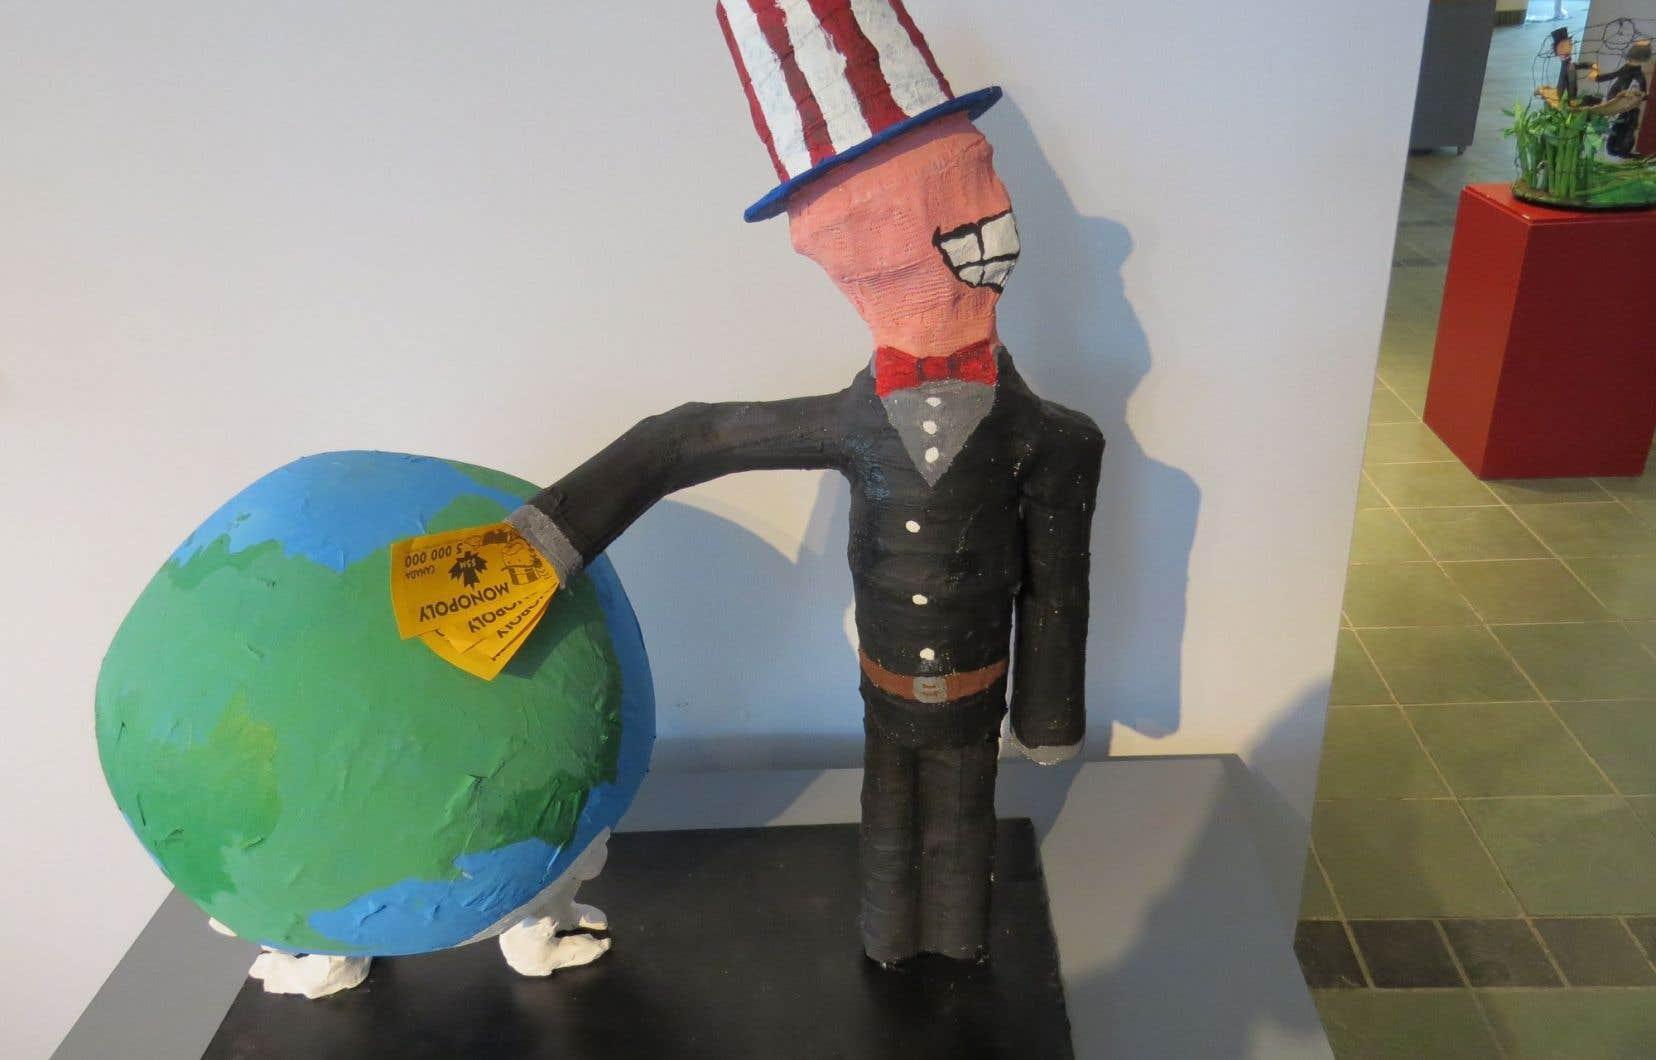 Une autre initiative s'adresse aux arts plastiques. «On a nommé cette activité Change le monde une œuvre à la fois. Les étudiants qui y participent doivent faire une réflexion sur leur vision d'un monde meilleur et ensuite reproduire cette vision en une œuvre d'art.»